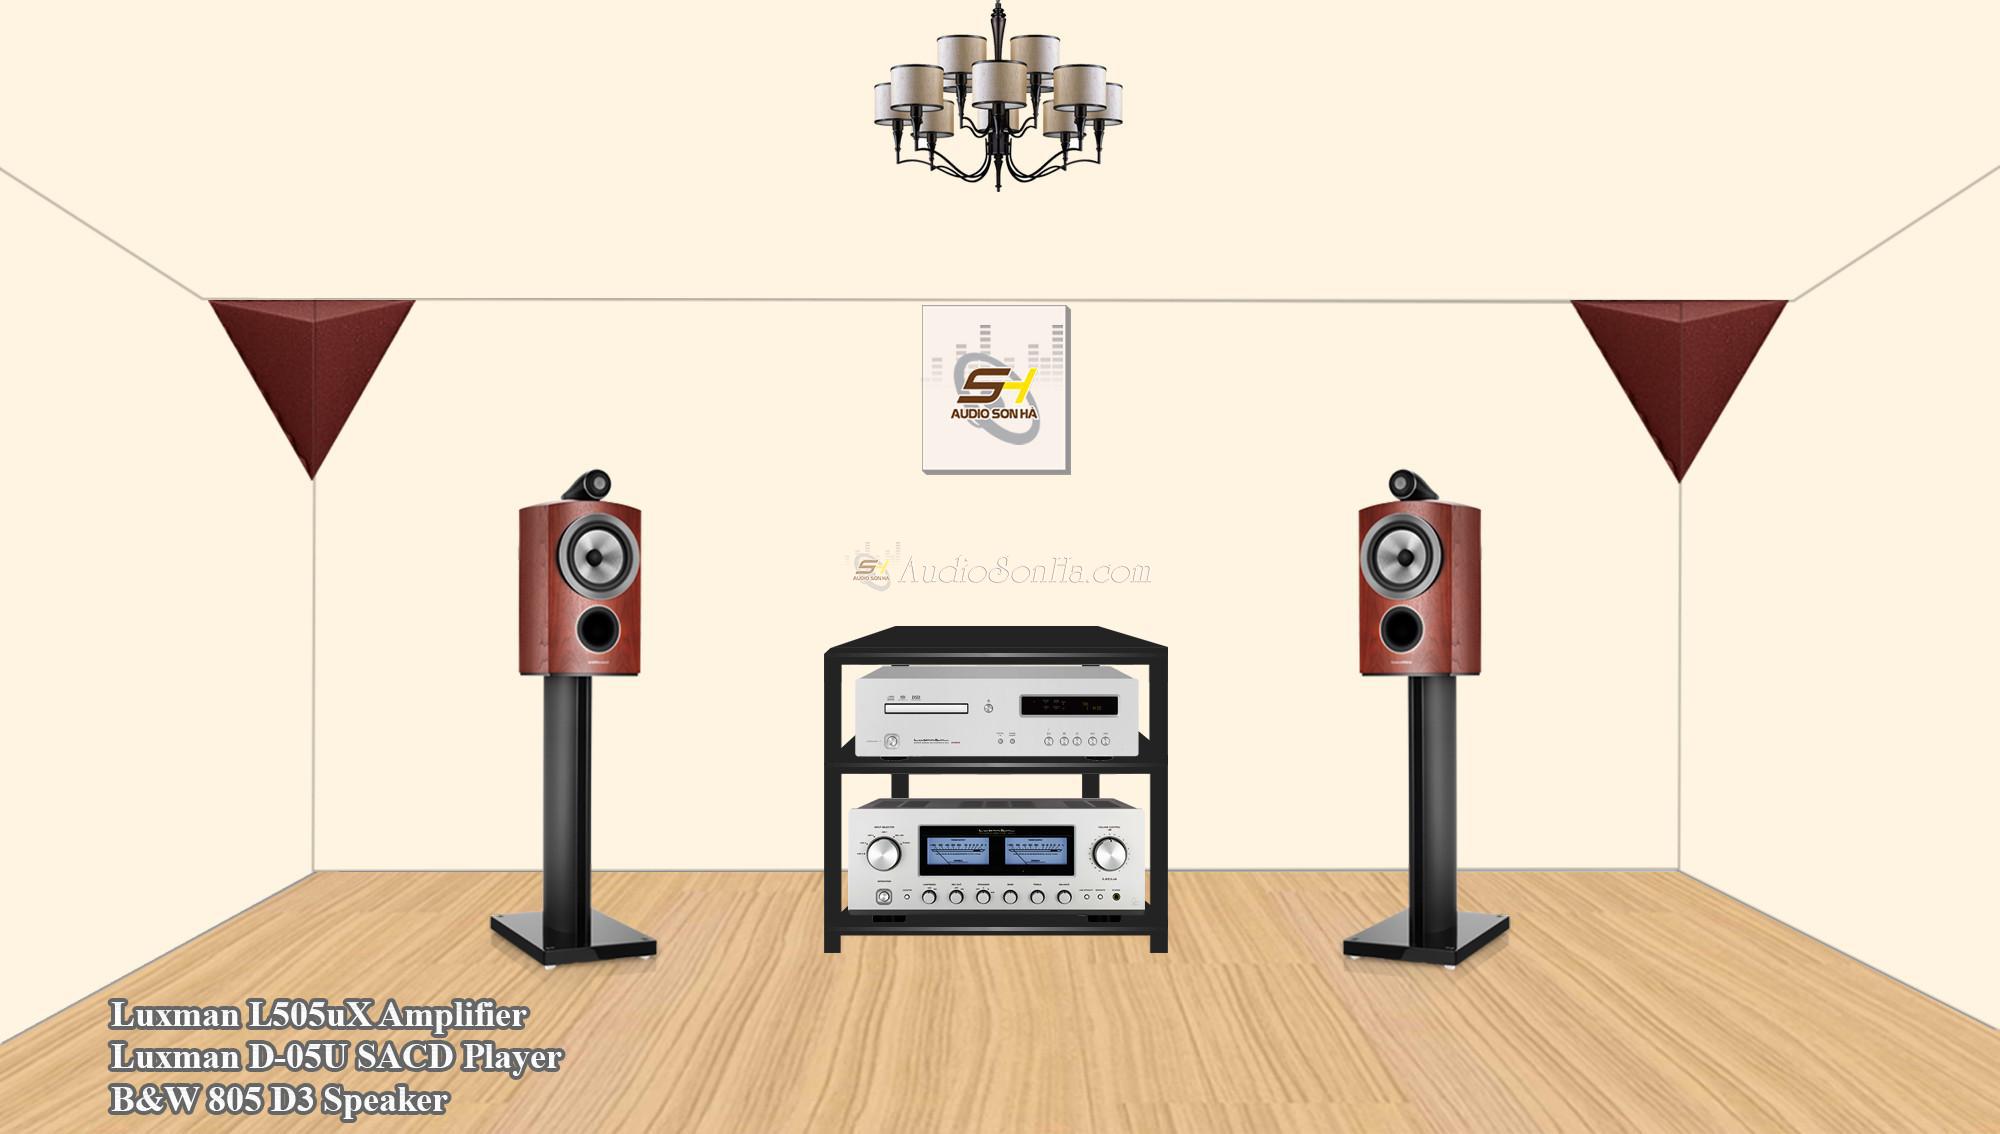 Hệ thống nghe nhạc B&W 805D3 & Luxman